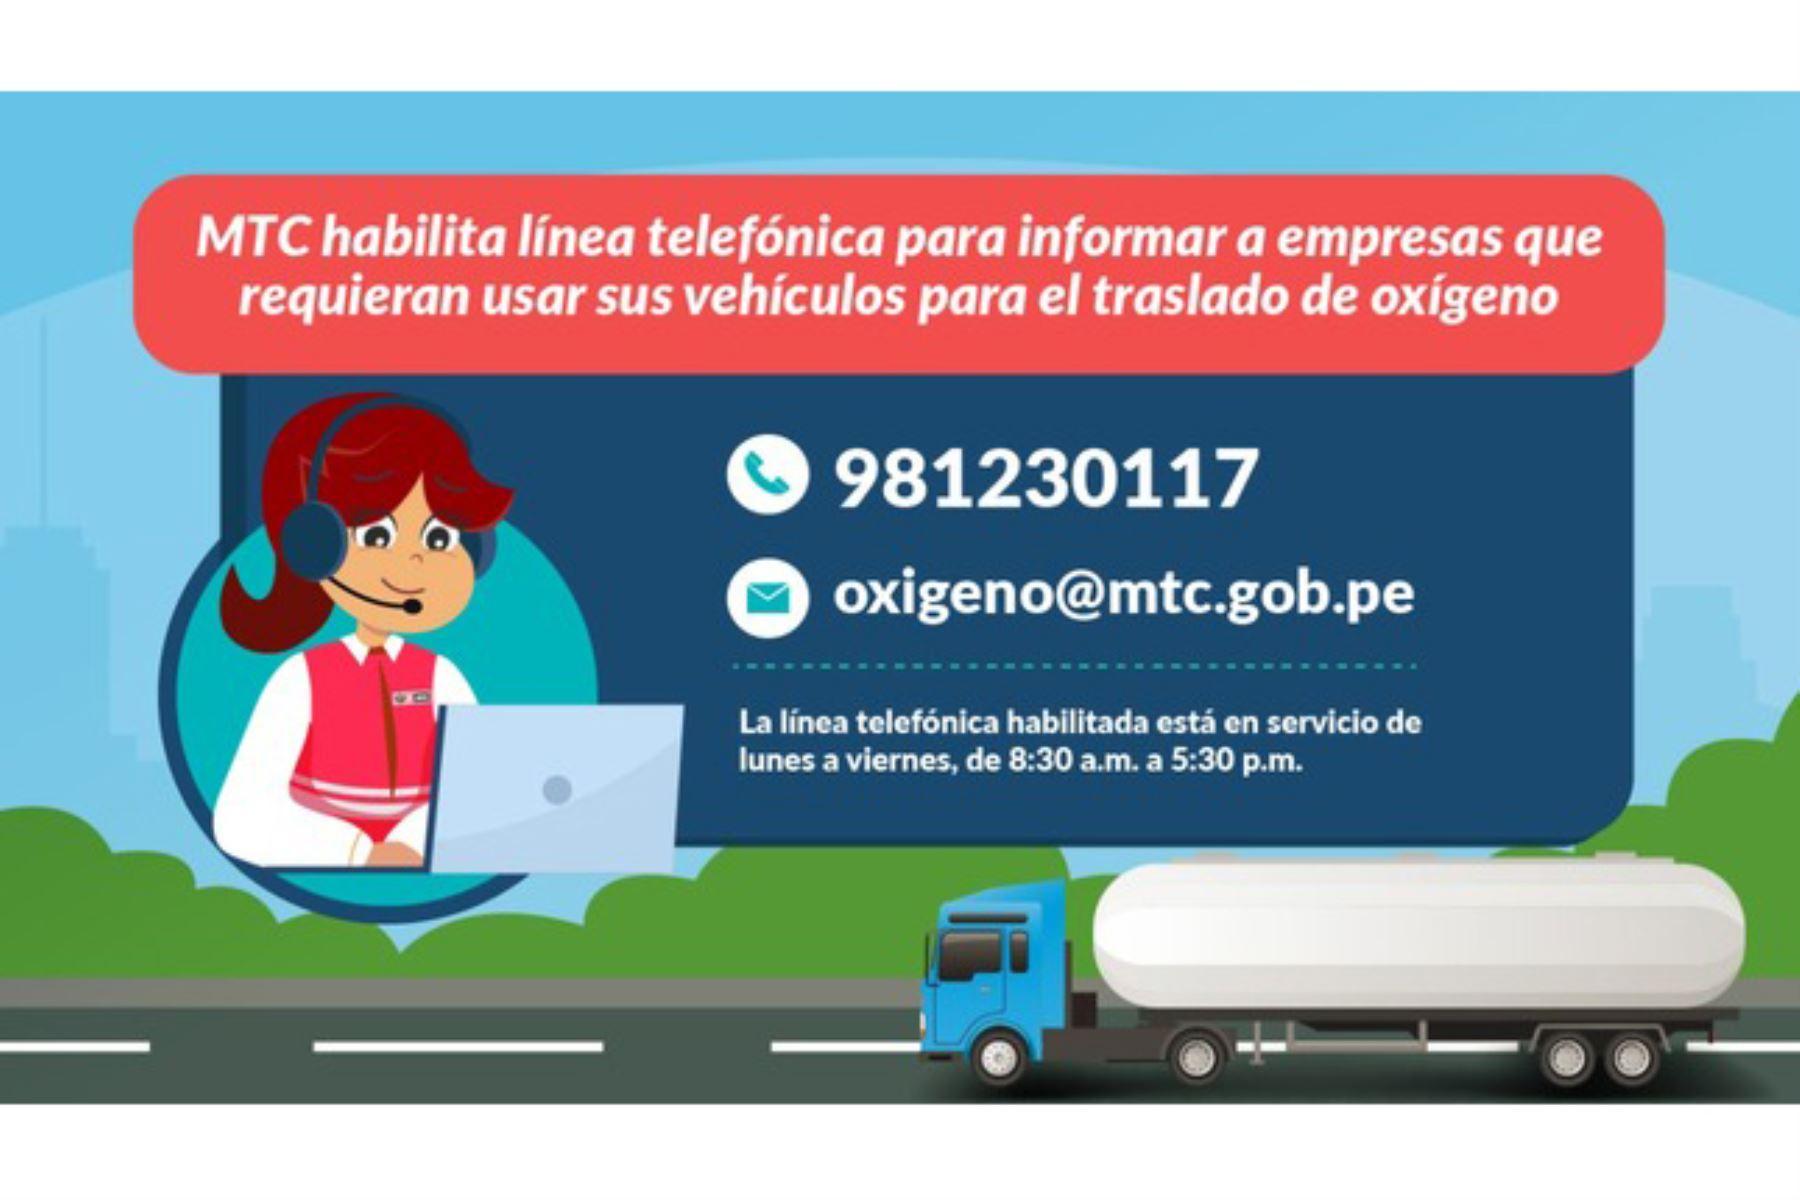 mtc-habilita-linea-telefonica-para-informar-sobre-permiso-vehicular-para-trasladar-oxigeno